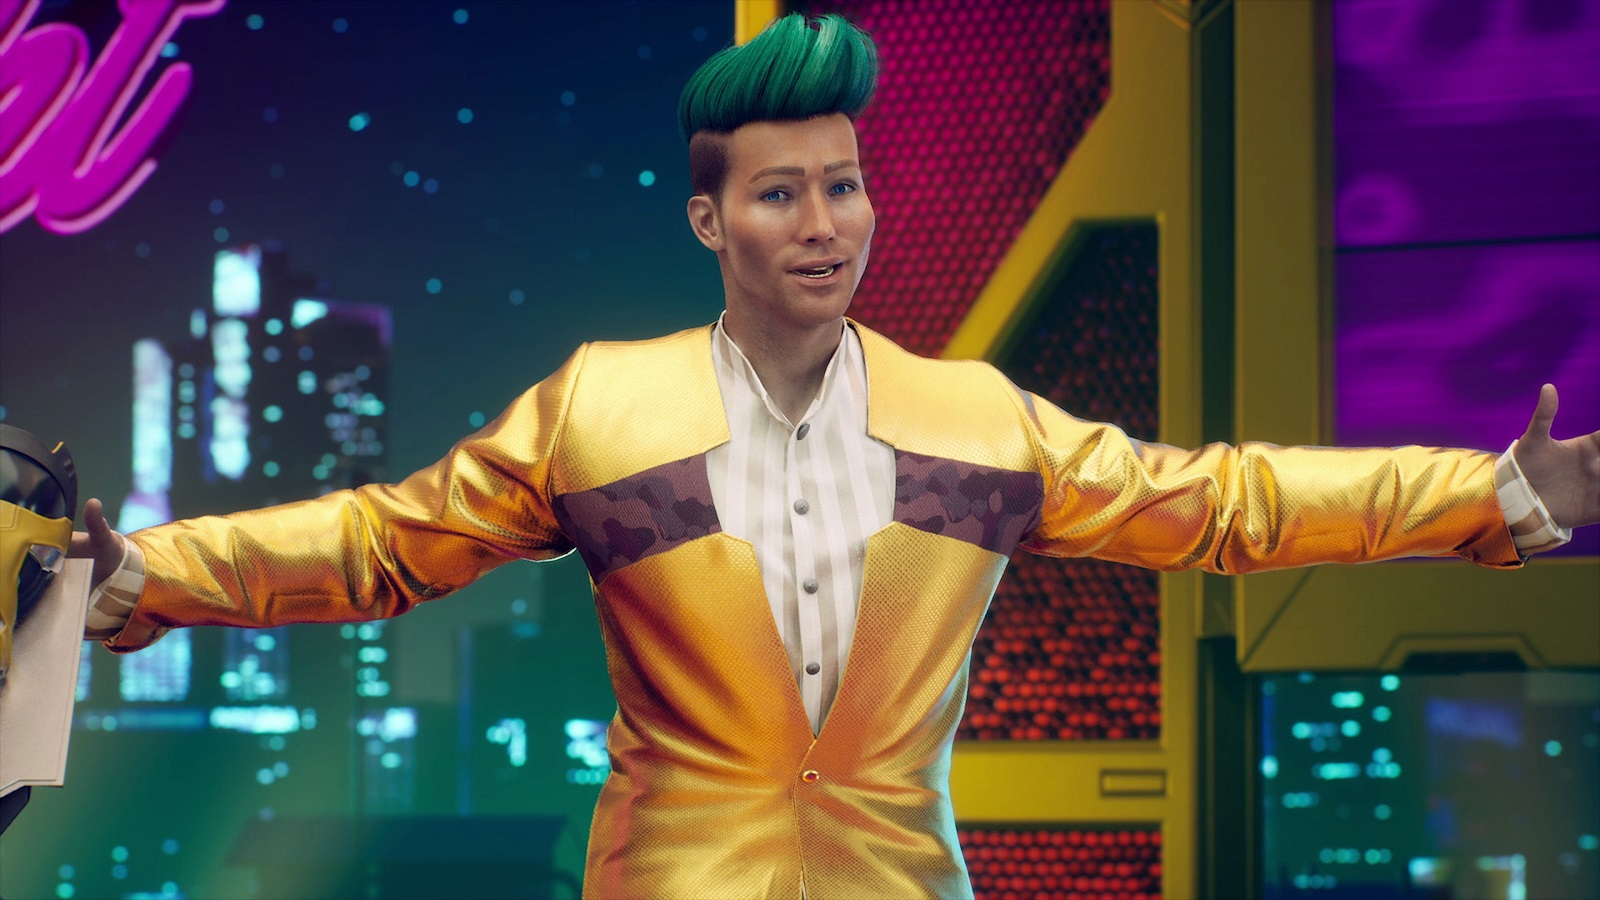 Разработчики Cyberpunk 2077 обезопасят стримеров от проблем с авторскими правами